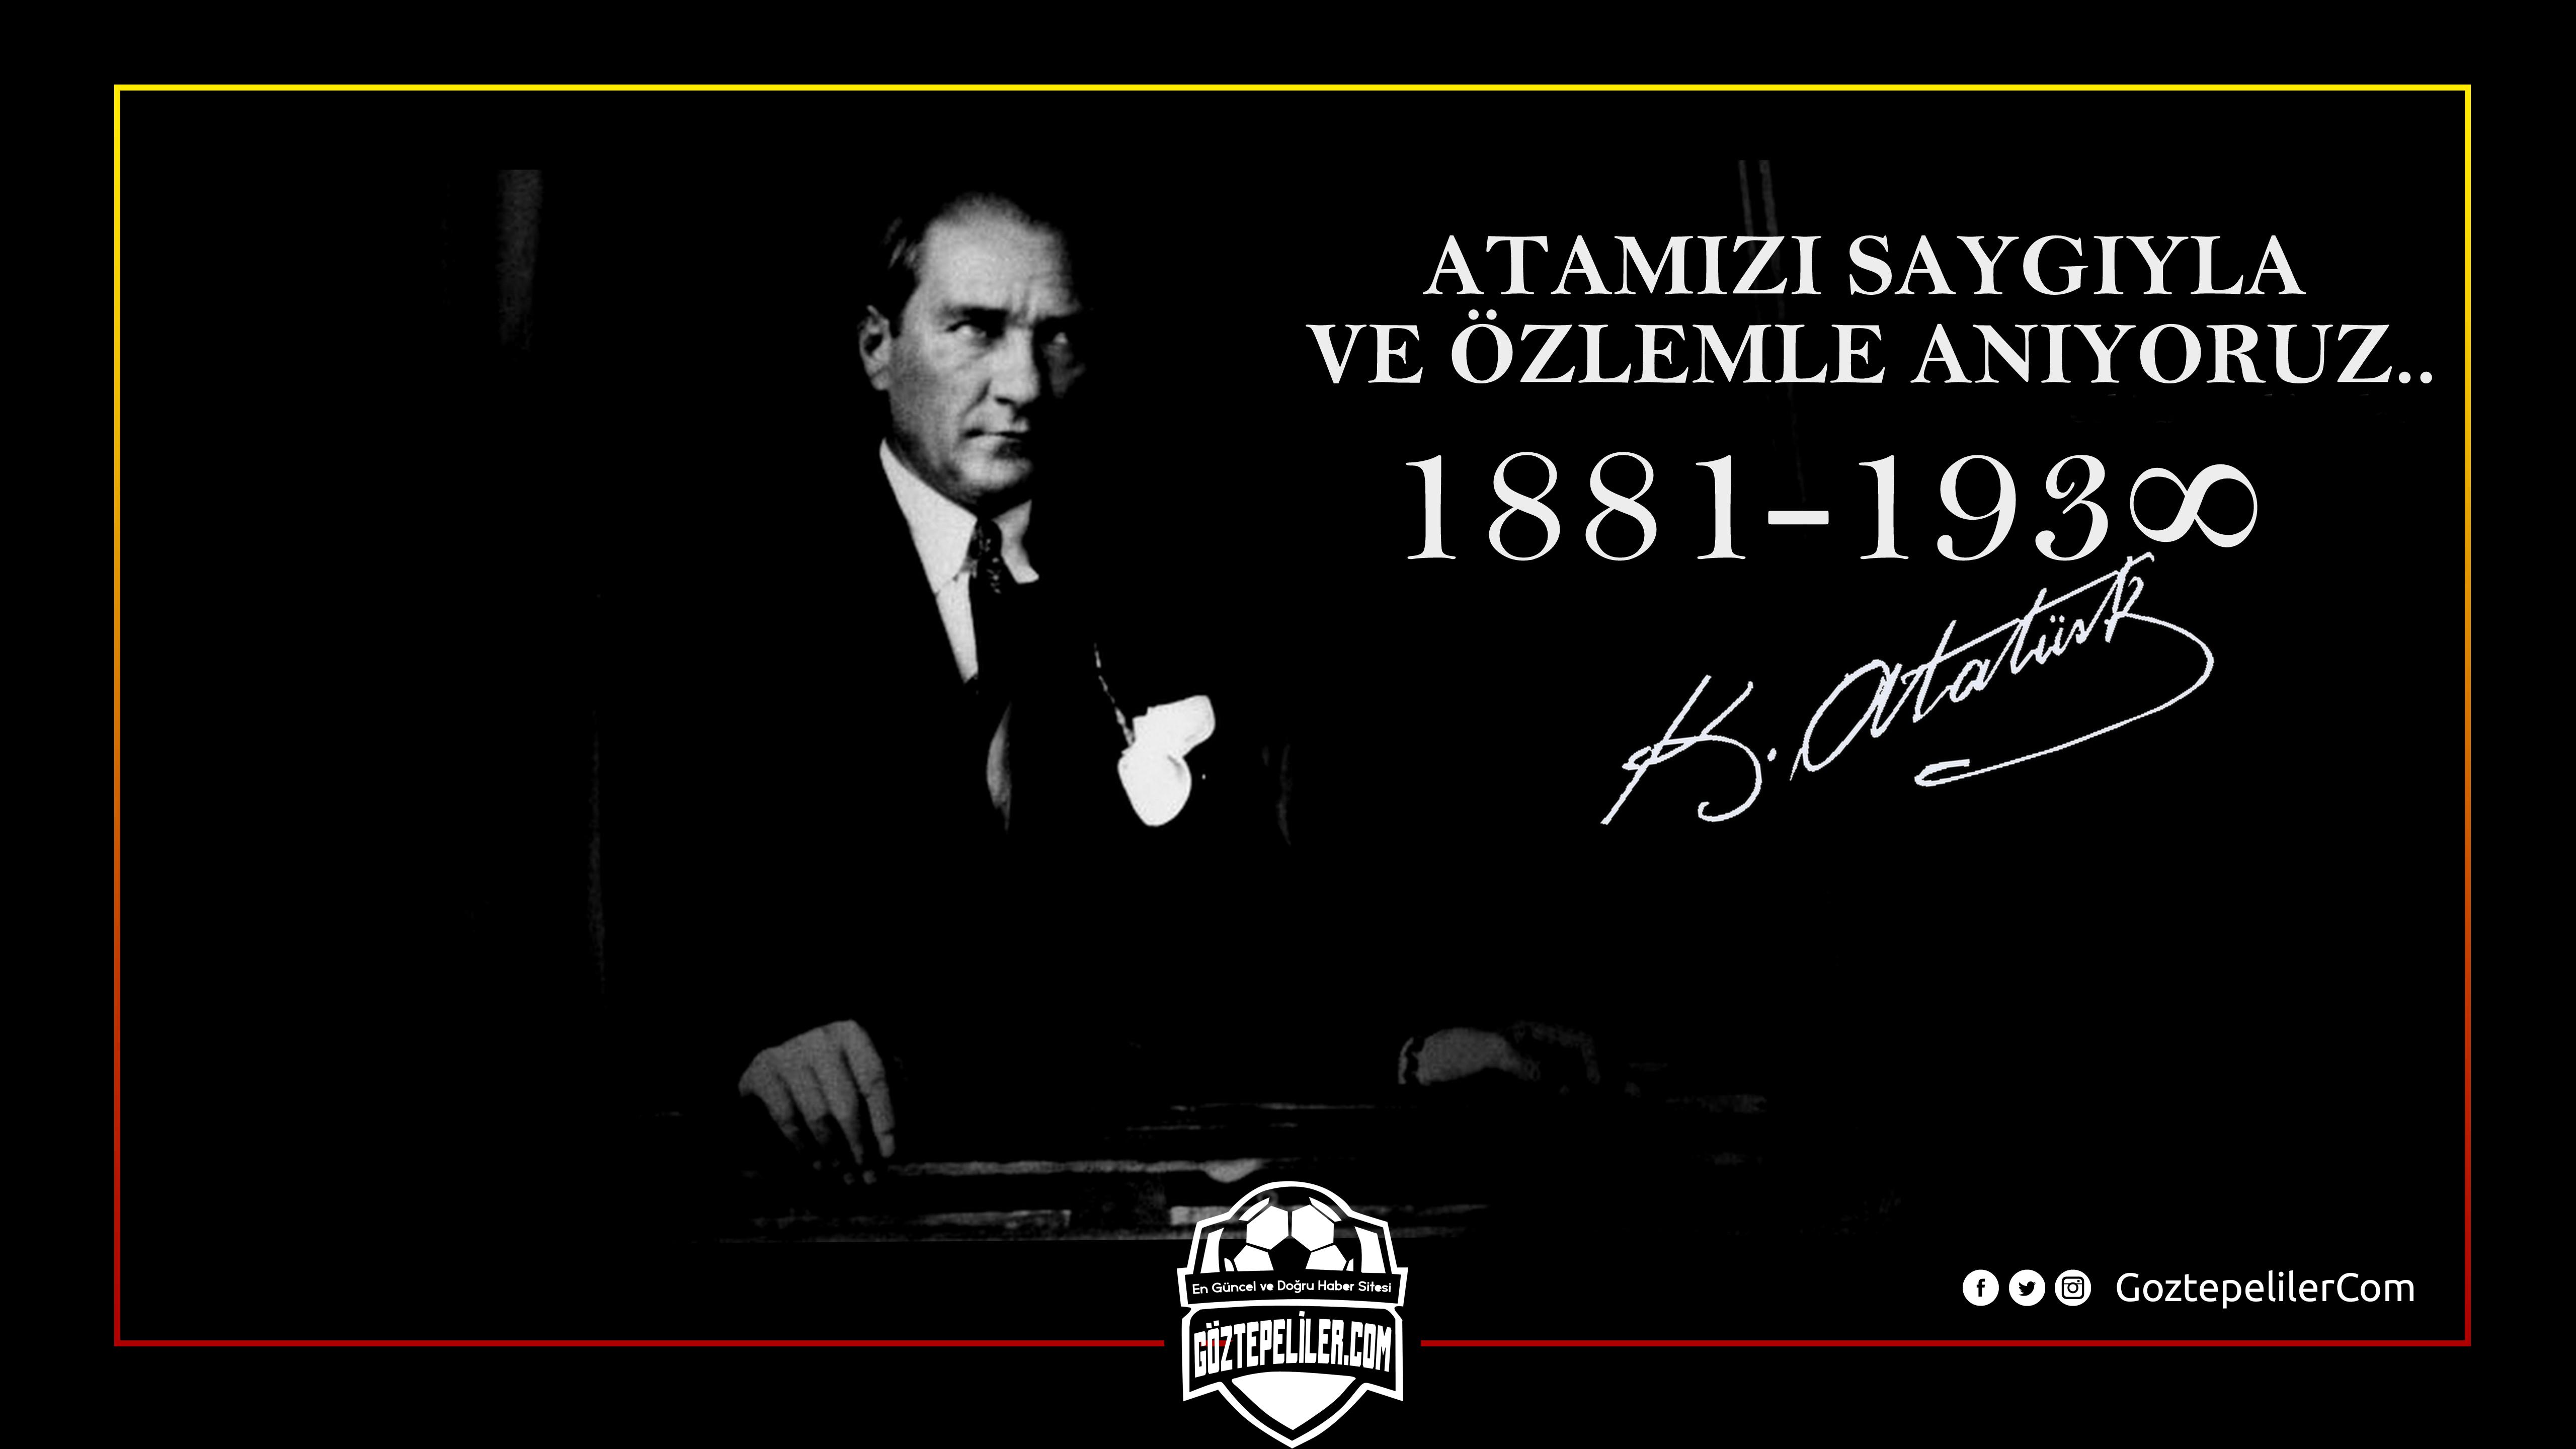 Ulu Önder Atatürk'ün vefatının 79. yılı...Saygıyla anıyoruz